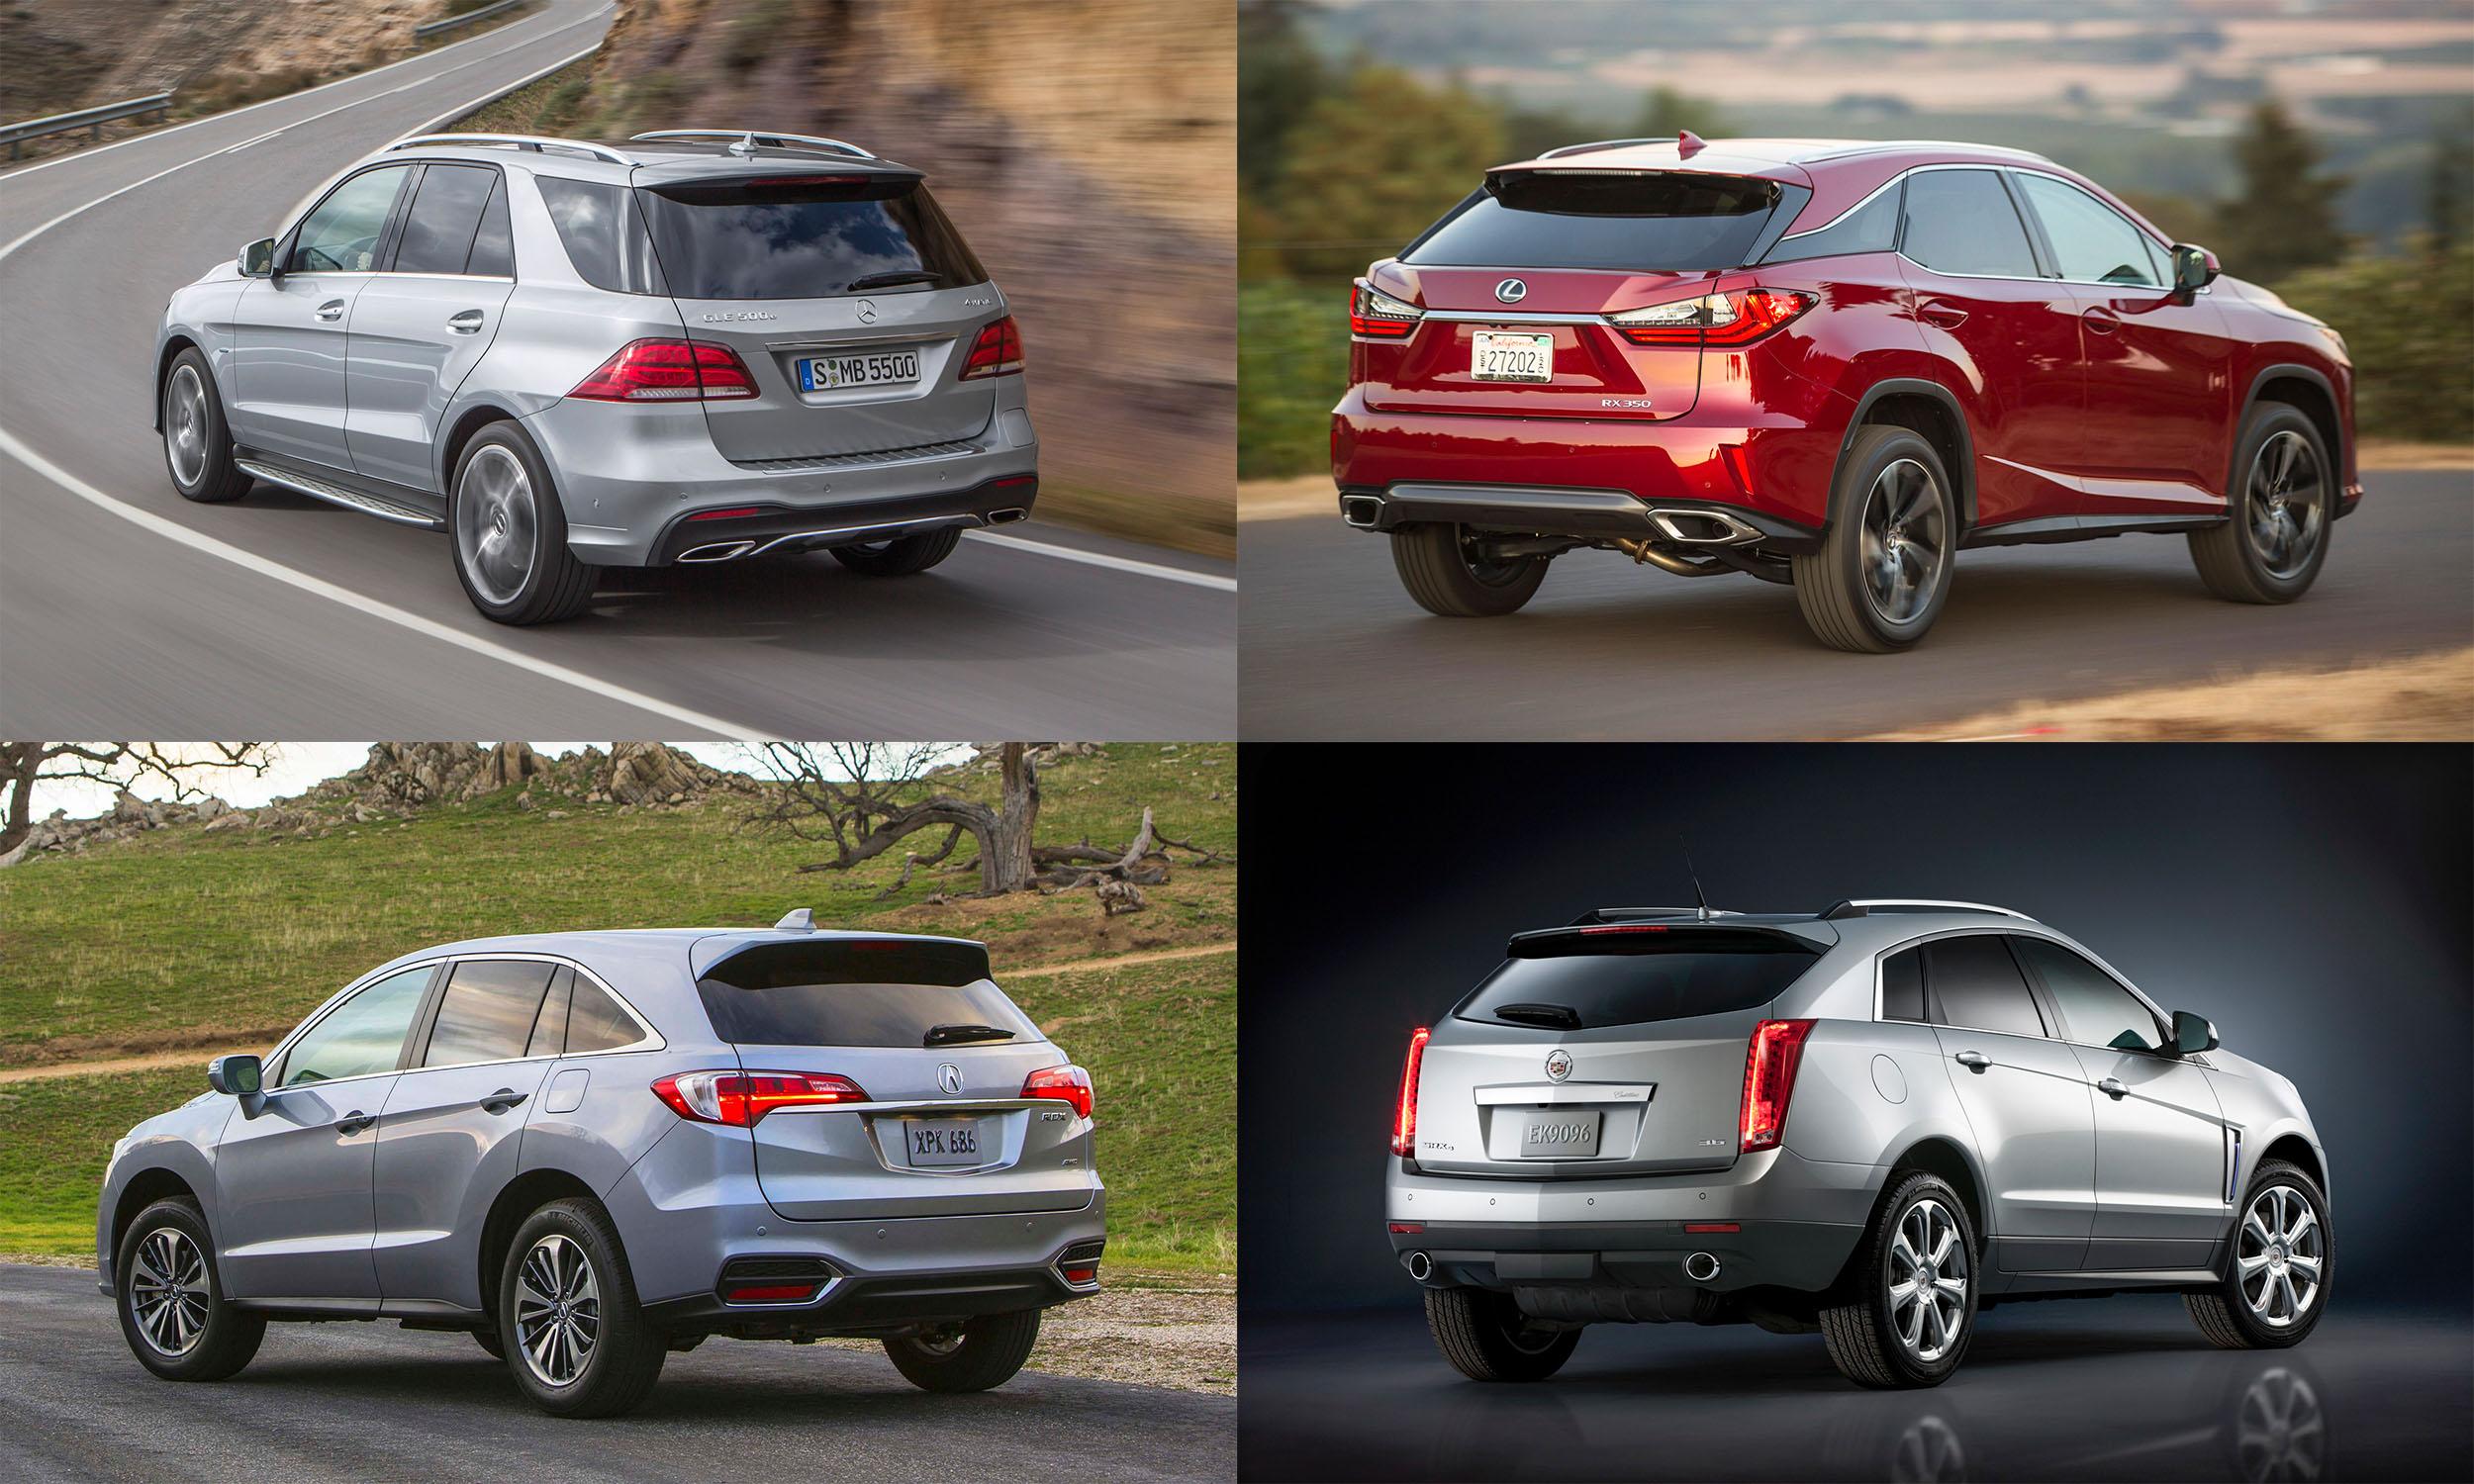 © Mercedes-Benz USA, Toyota Motor Sales, General Motors, American Honda Motor Company